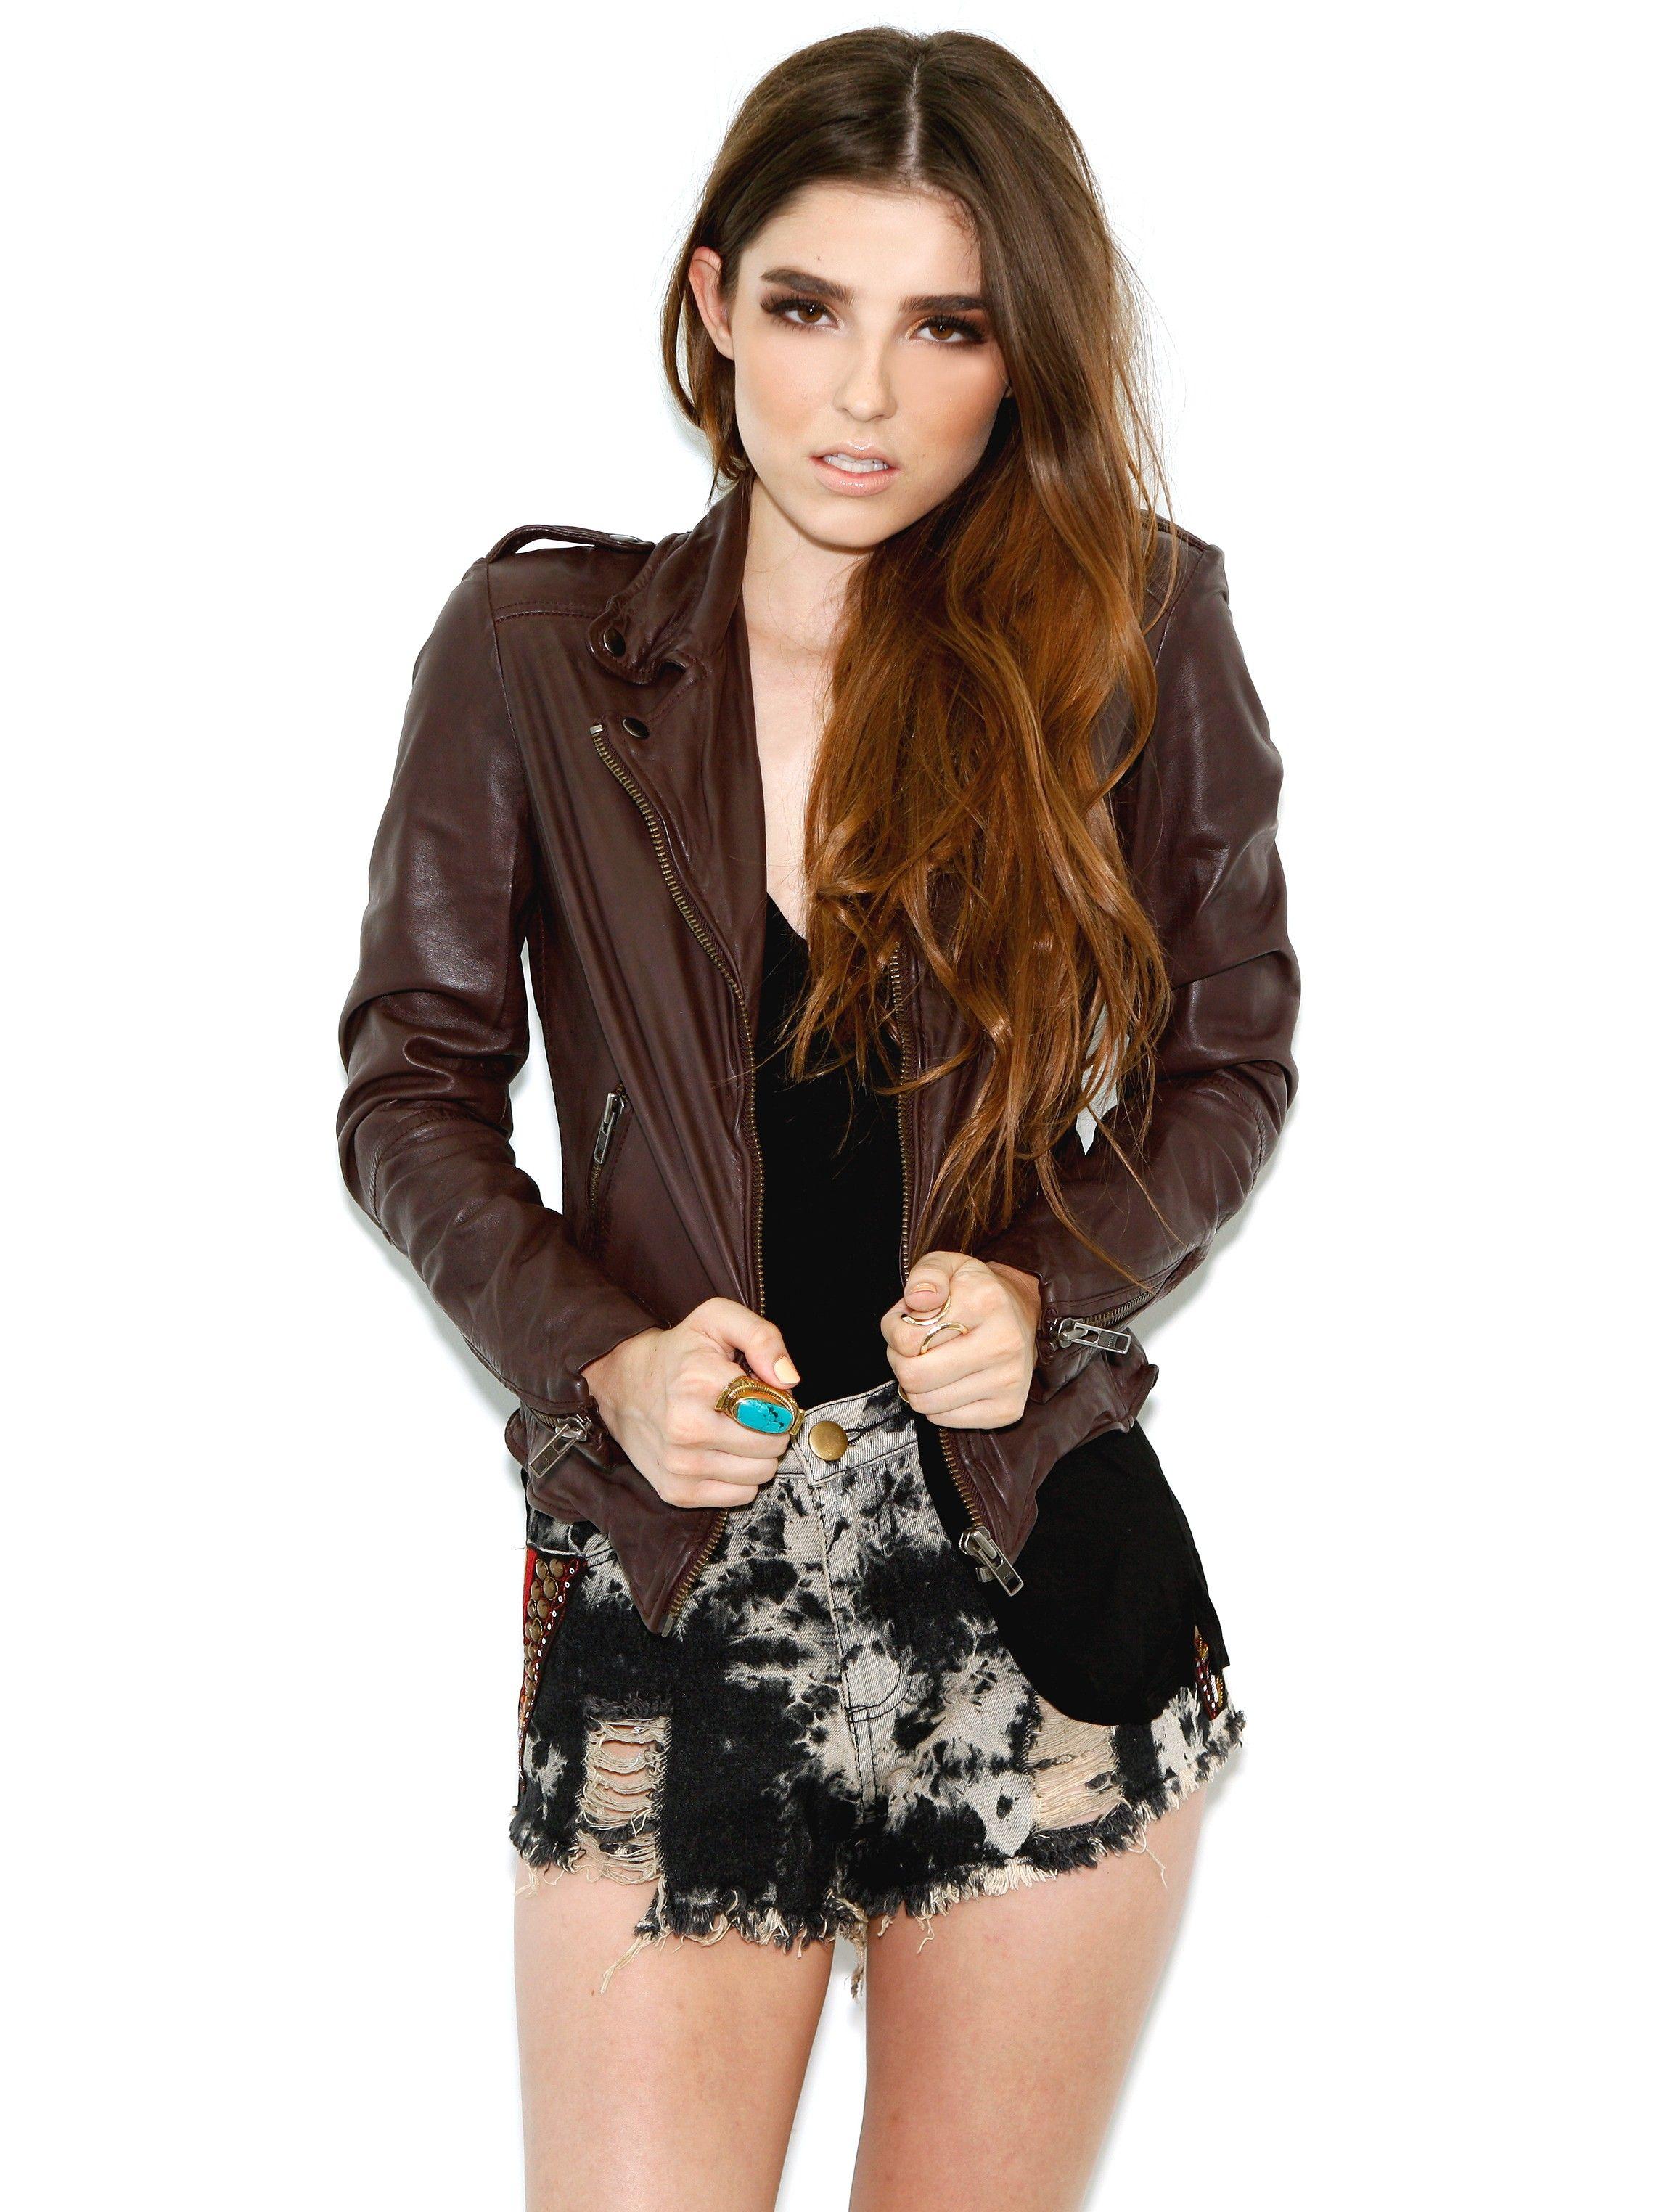 Muubaa Sabi Fitted Biker Jacket In Maroon Fitted Biker Jacket Fashion Muubaa Leather Jacket [ 3048 x 2286 Pixel ]